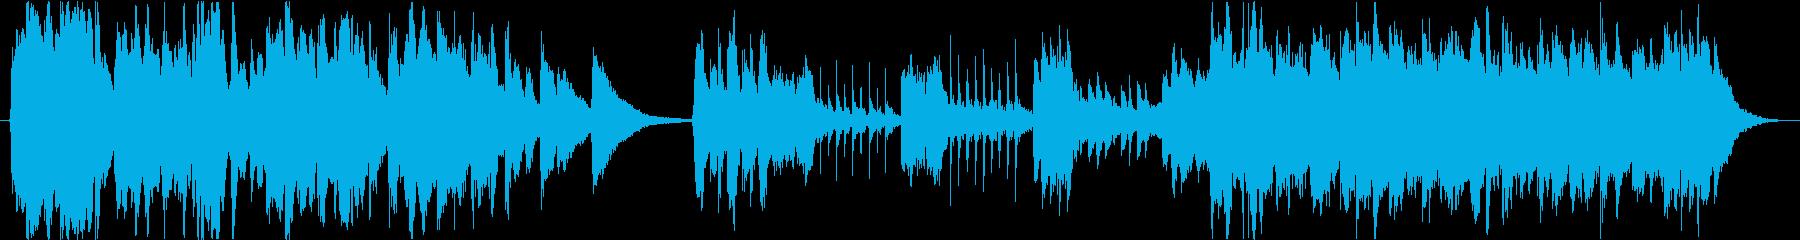 約30秒のストーリー性があるBGMの再生済みの波形